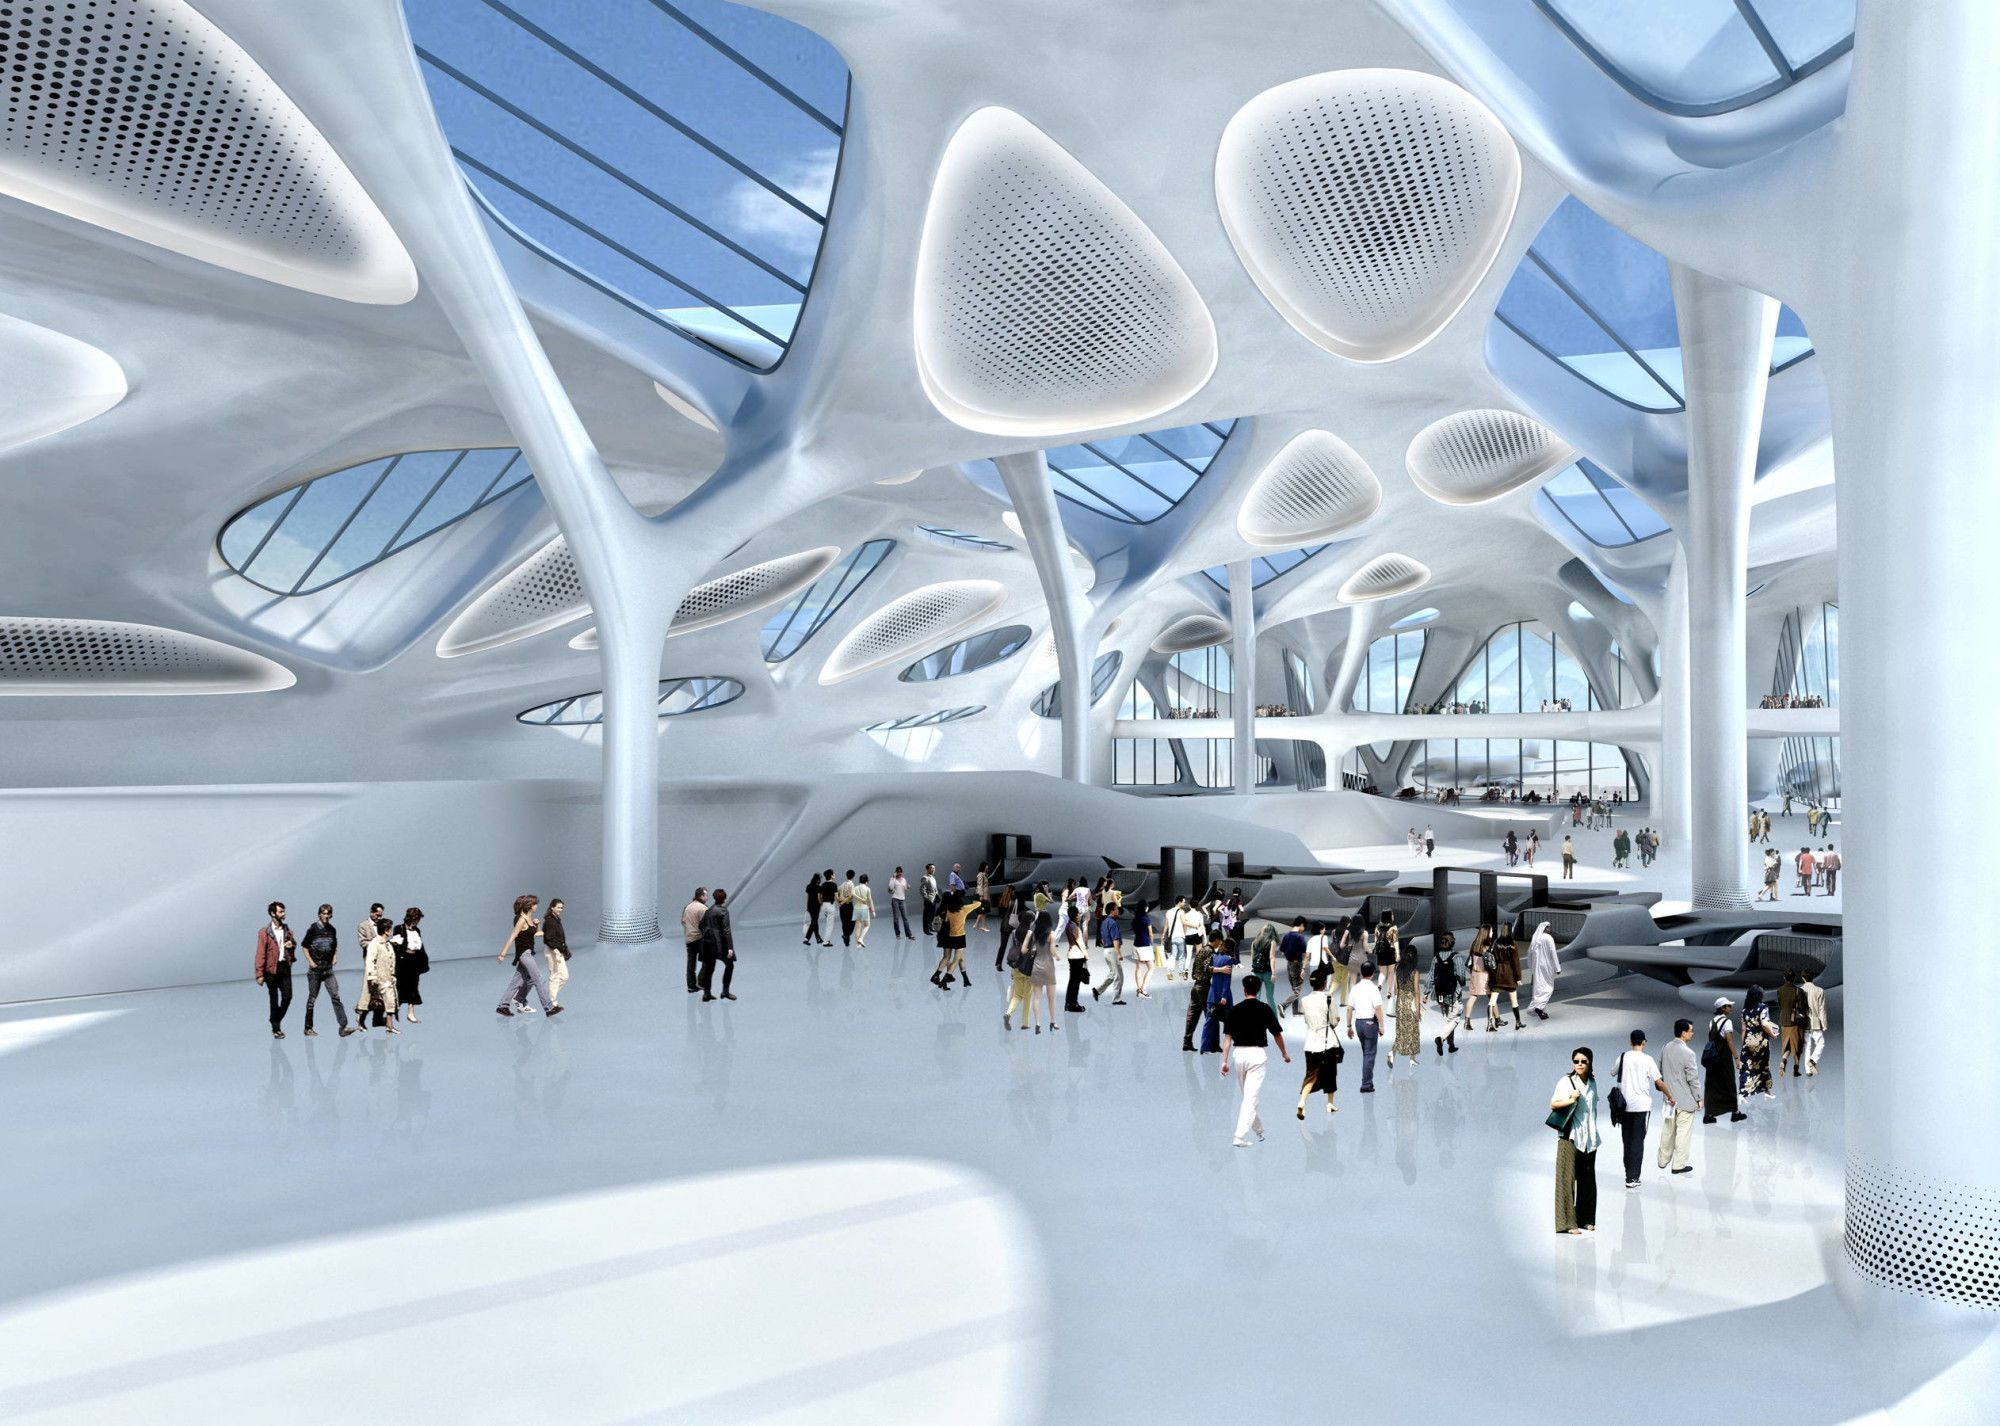 Zagreb Airport Zaha Hadid Architects Arch2o Com Zaha Hadid Zaha Hadid Architecture Zaha Hadid Architects